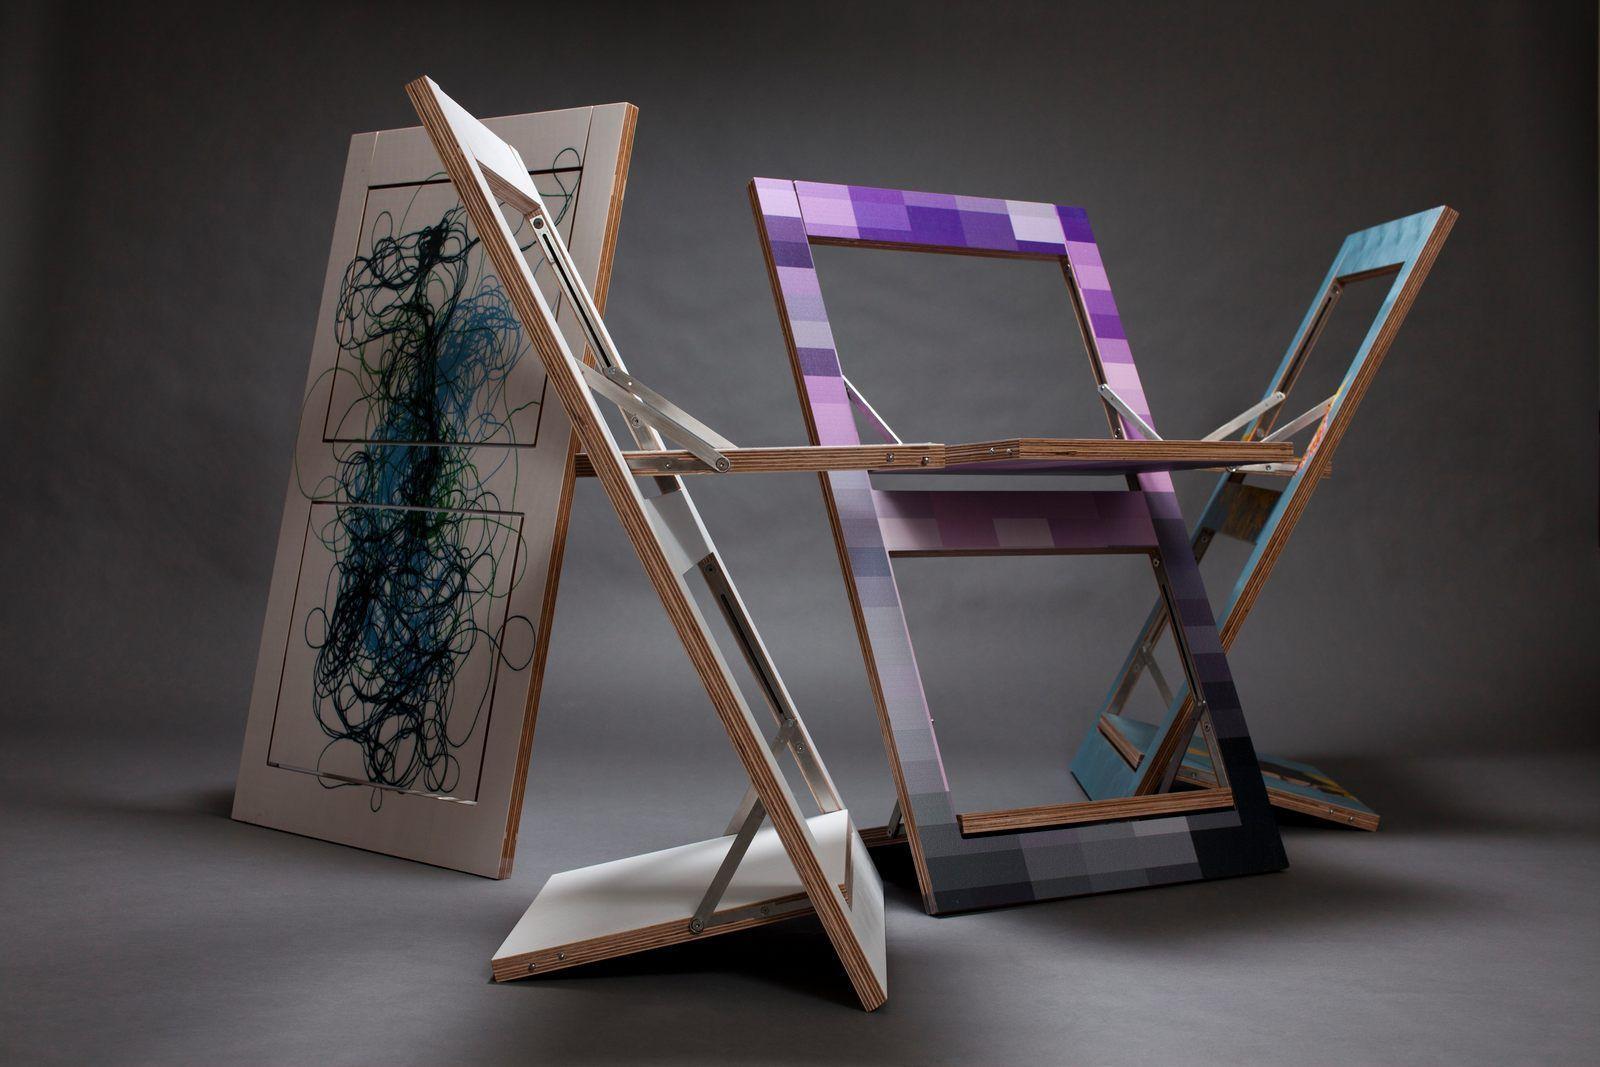 Fl pps la sedia pieghevole che diventa un quadro for La sedia nel design